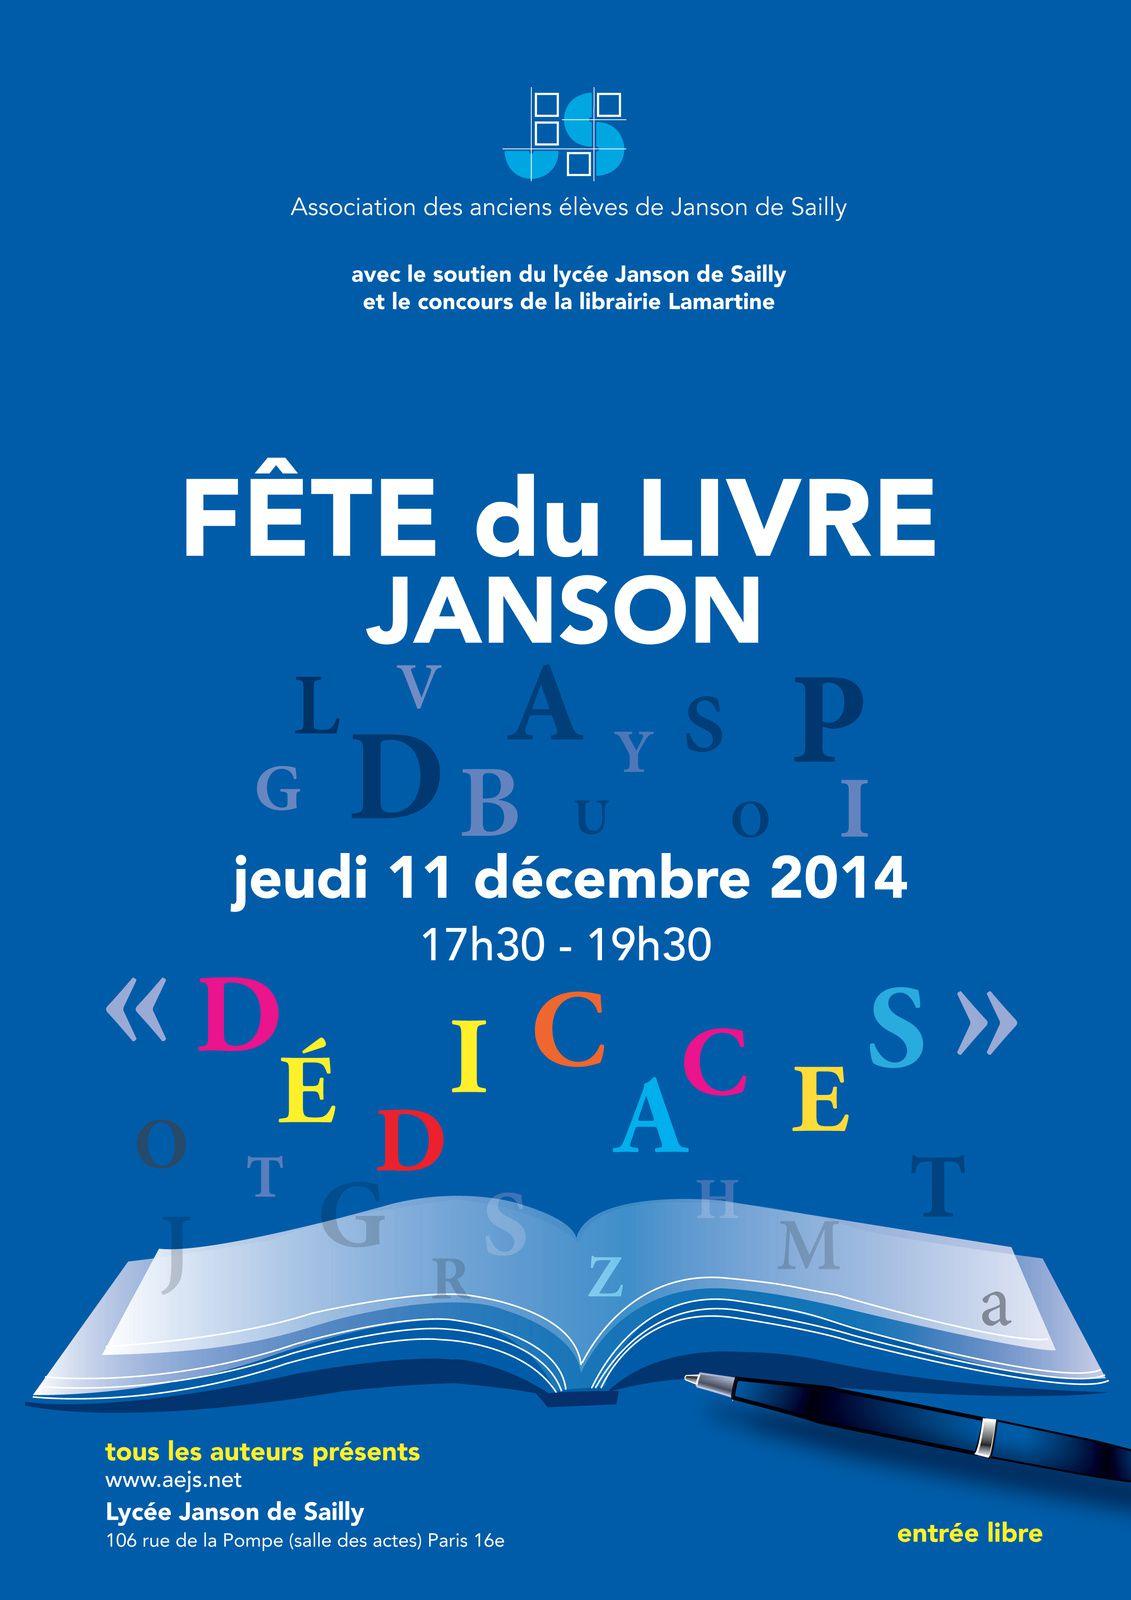 Fête du livre à Janson de Sailly, jeudi 11 décembre